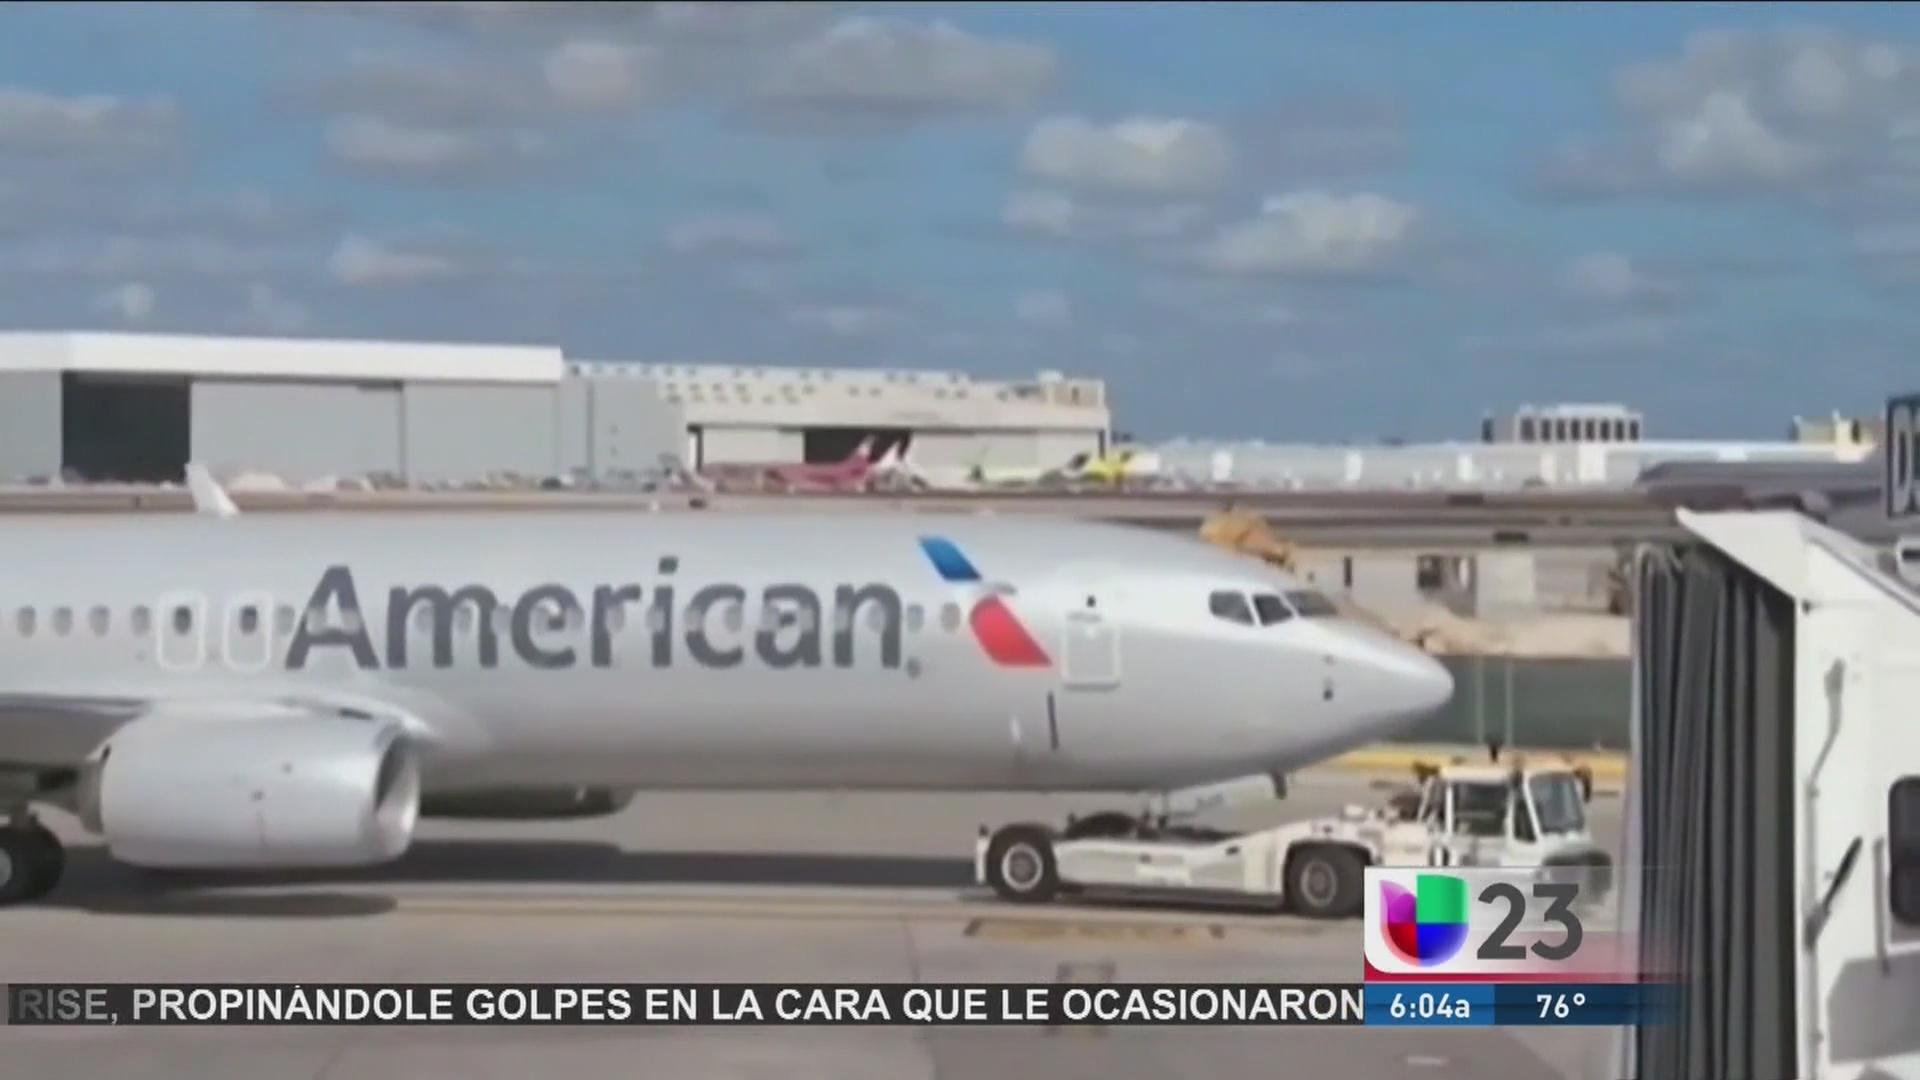 huella airlines Delta airlines ha creado un sistema de identificación con huella dactilar para embarcar en el avión, sin tener que usar el billete.